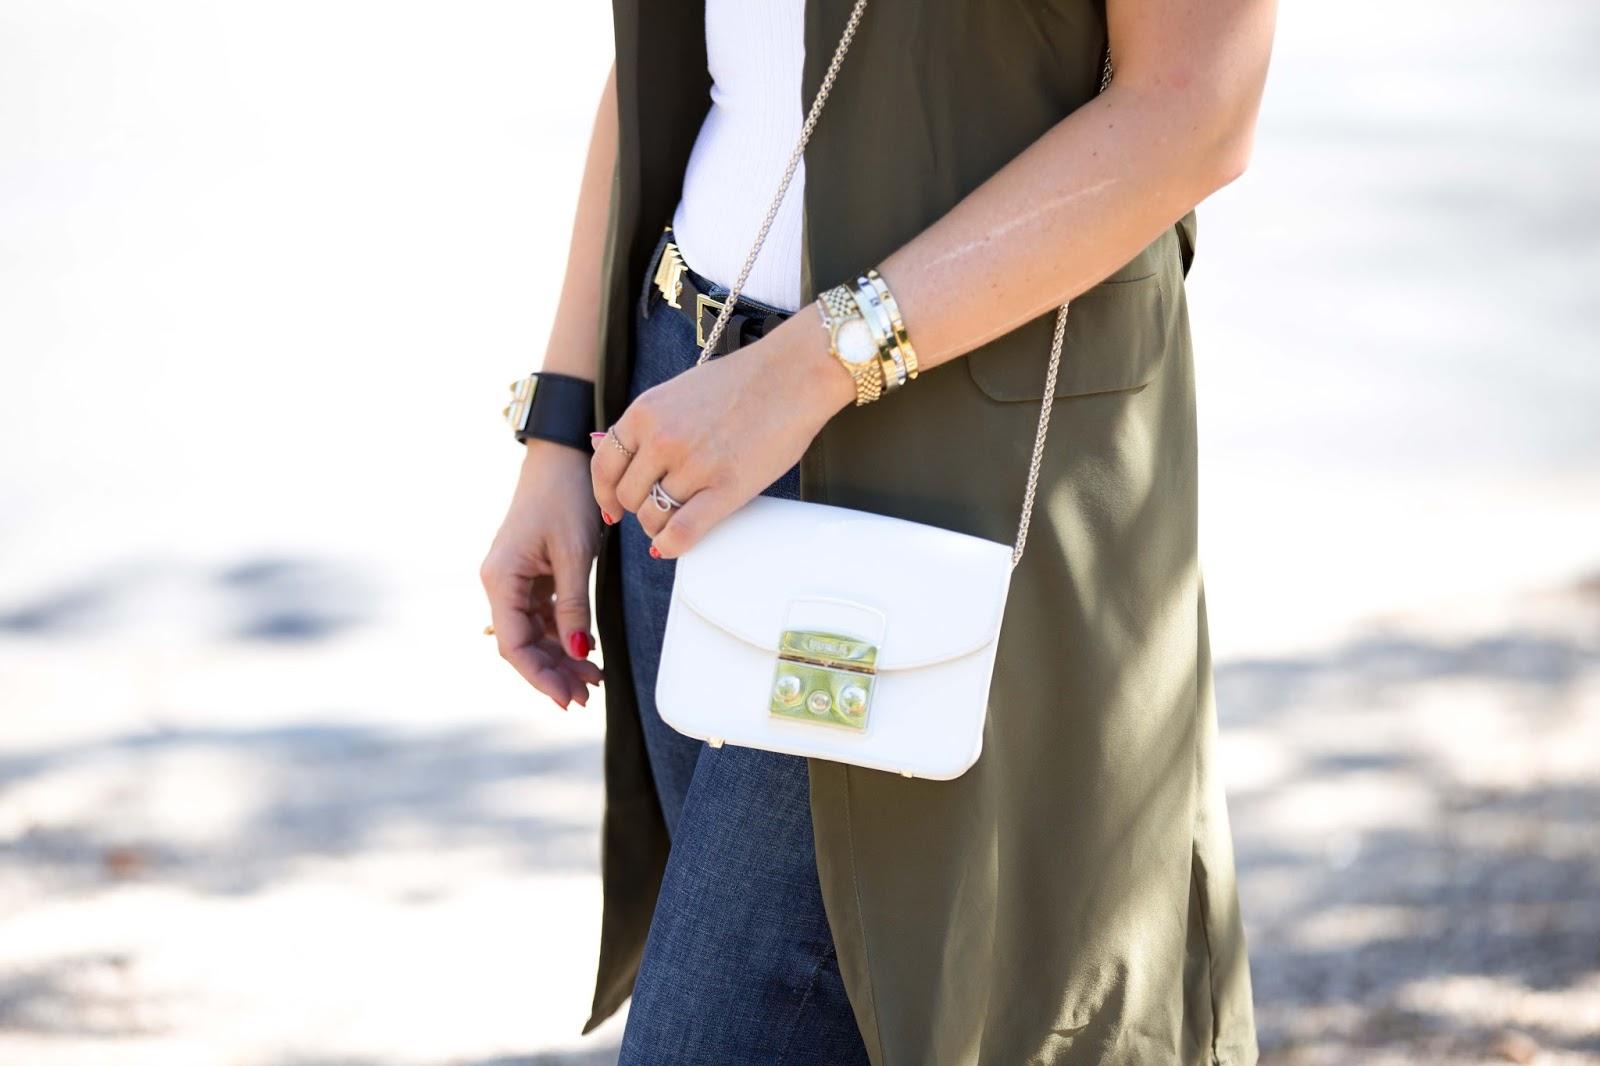 Fashionstylebyjohanna Details -Details Furla Tasche -Khaki Weste -Pinke Adidas Schuhe-blogger mit Locken -My Colloseum - Fashionstylebyjohanna-Herbstlook Blogger-fashionblog-Deutsche Blogger-Blogger aus Deutschland